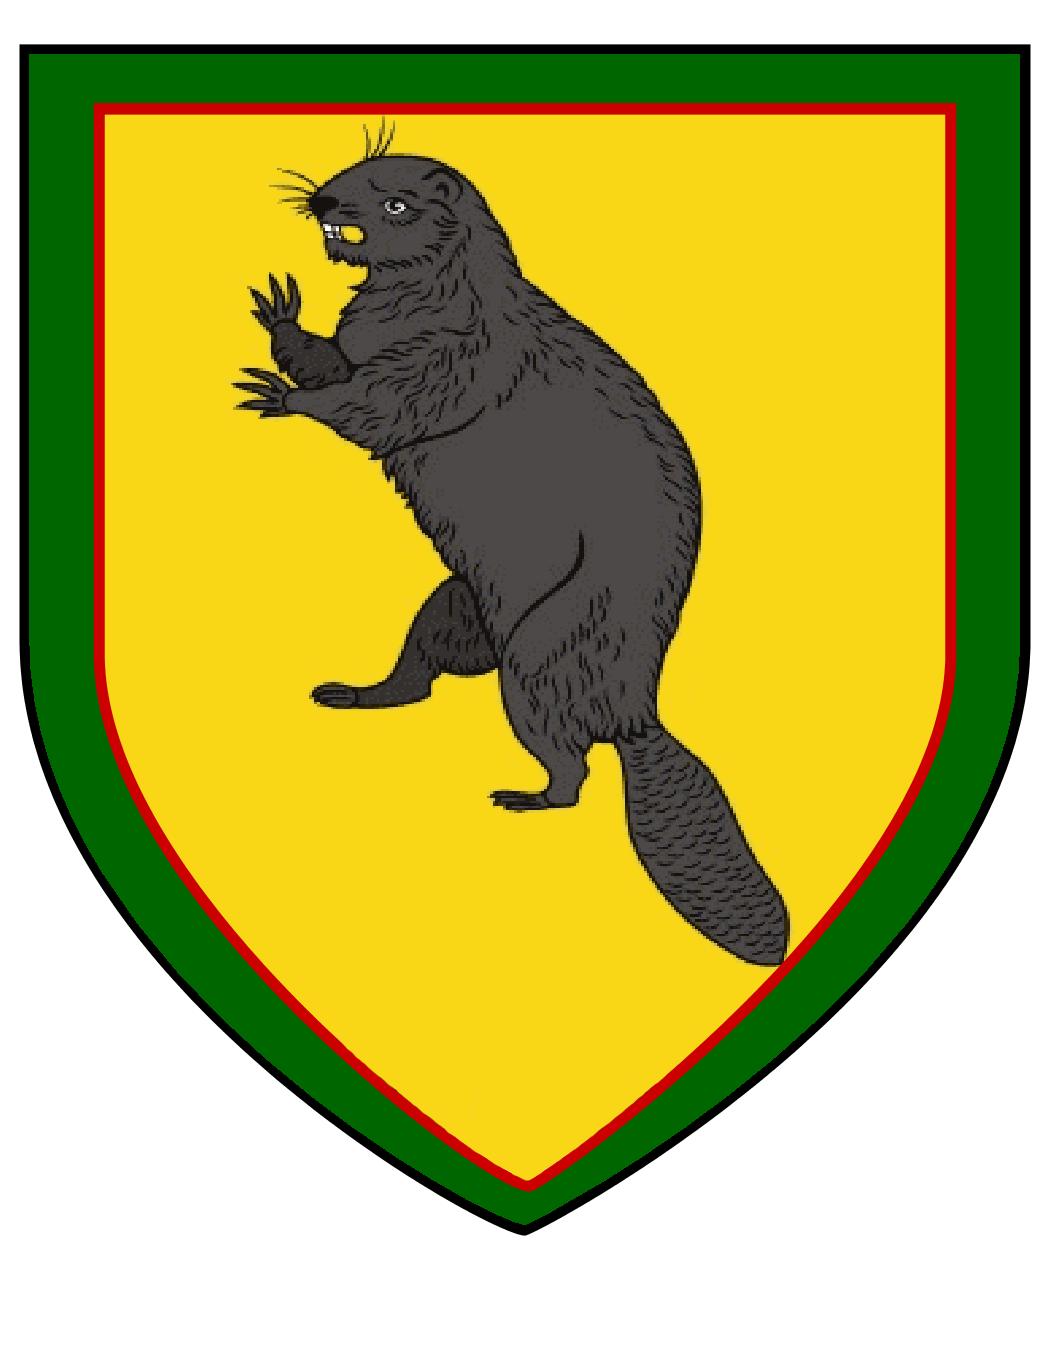 coat_of_arms_Wecelo_von_Bibra.png